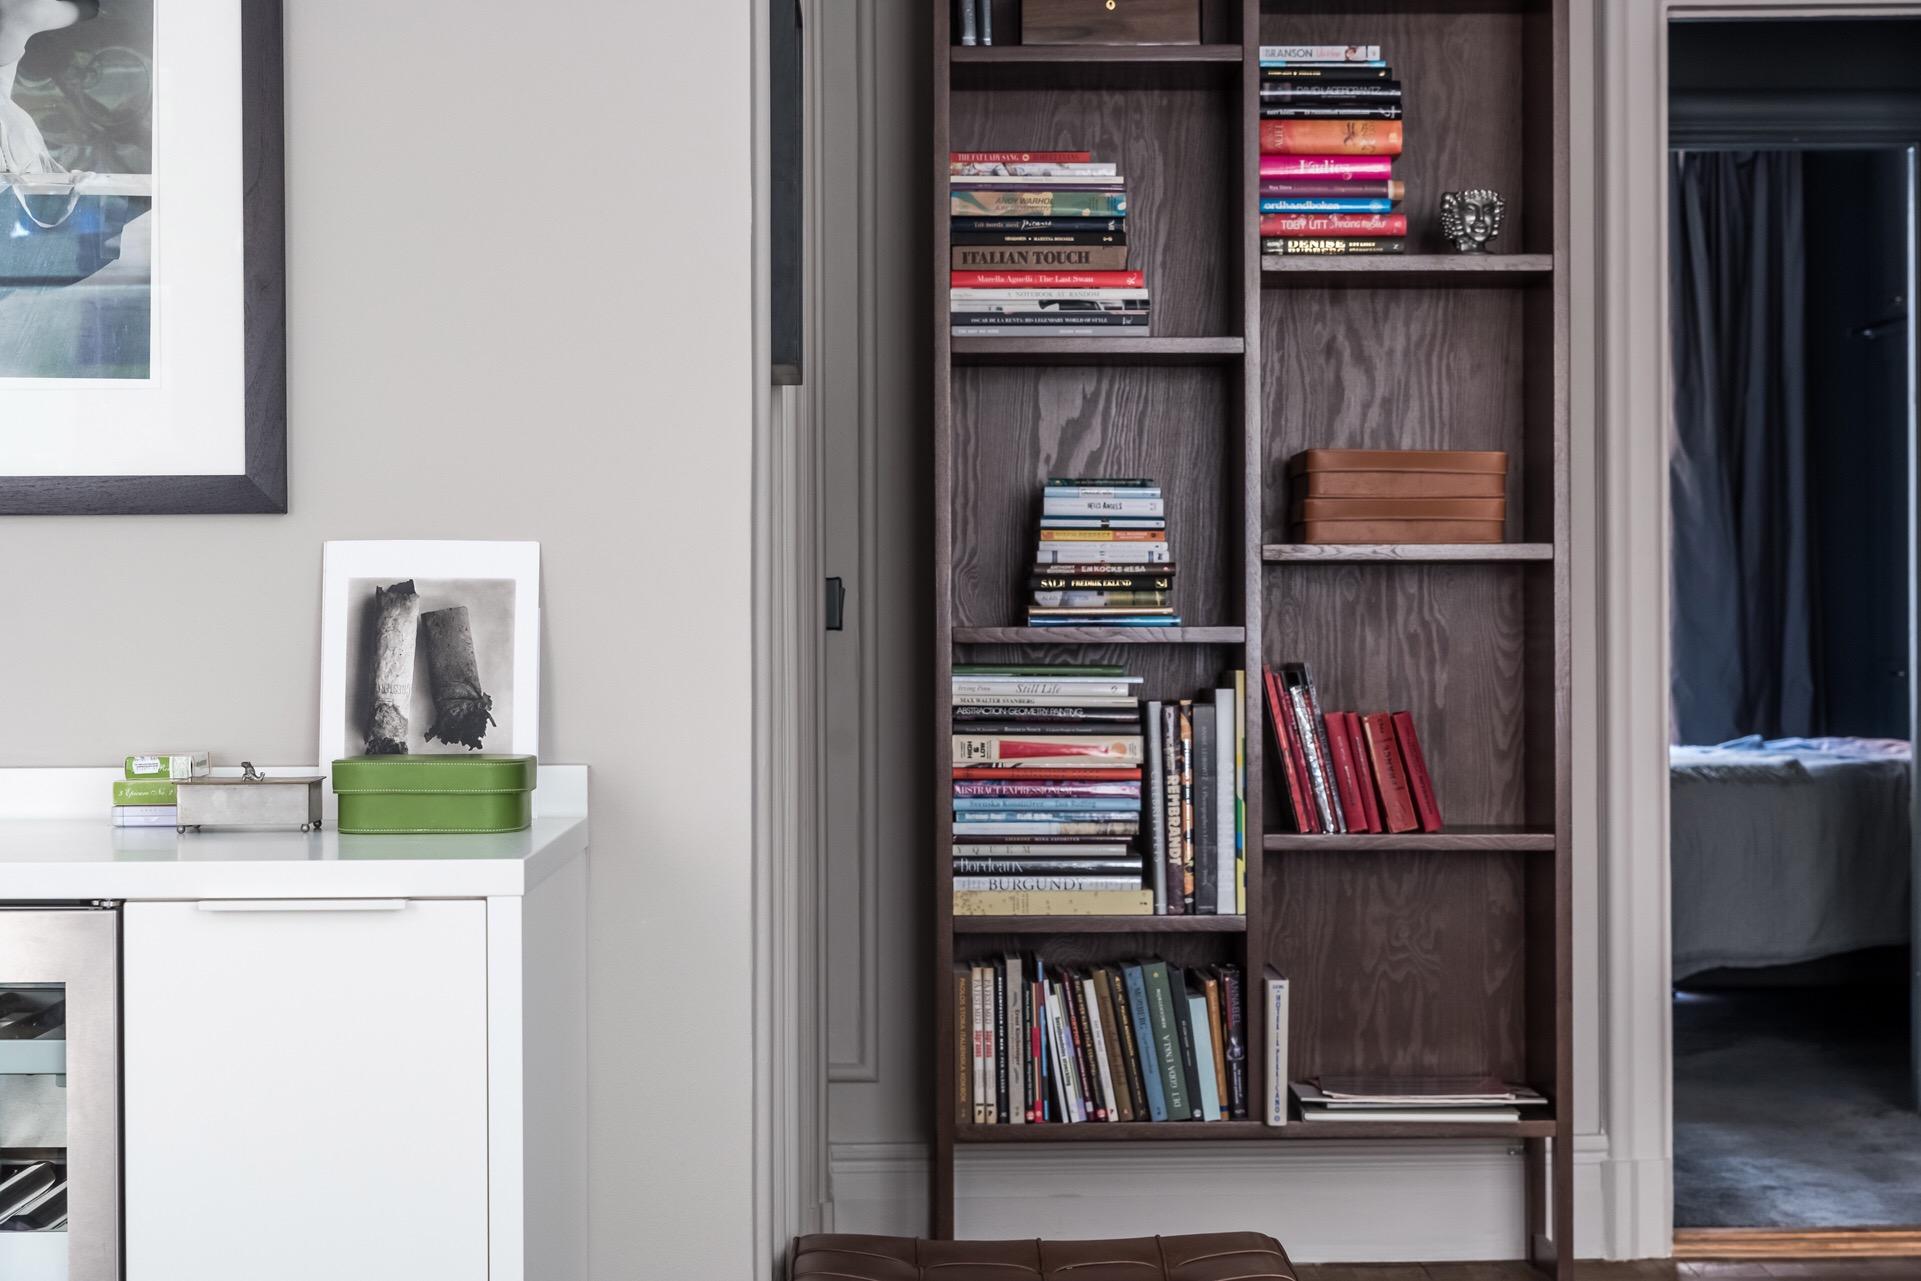 гостиная книжный шкаф кухонный винный шкаф